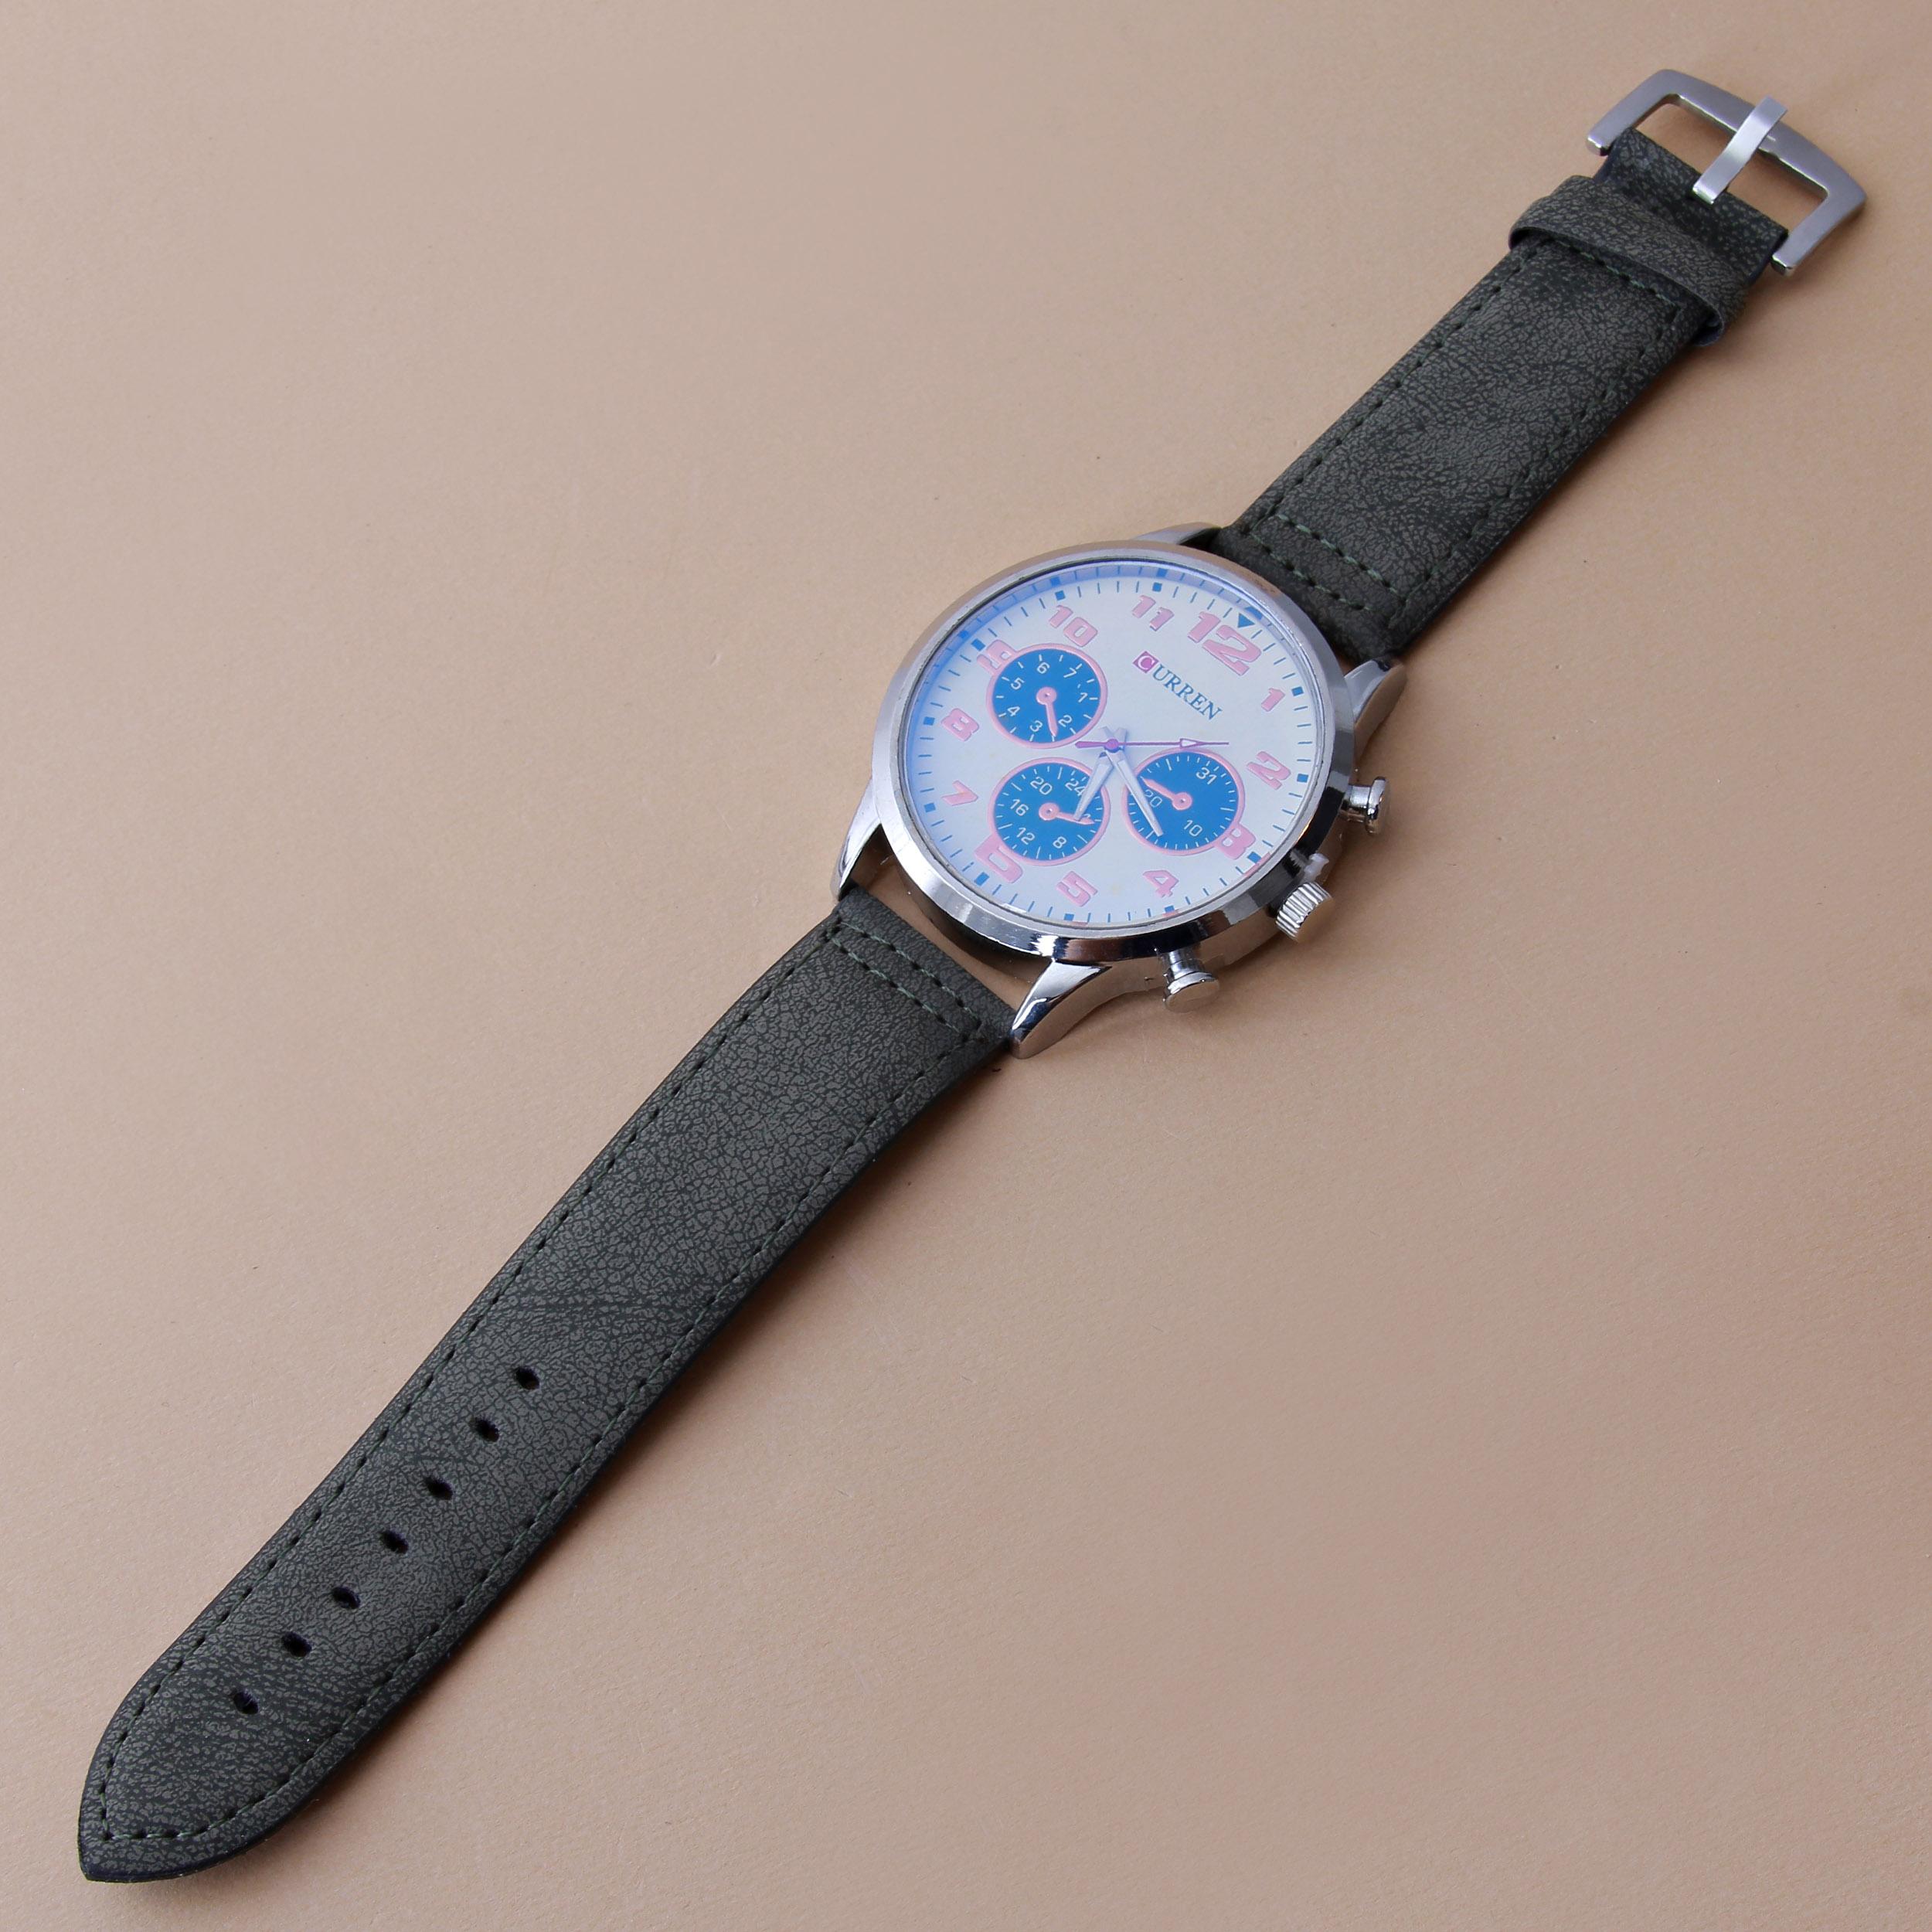 خرید                                        ساعت مچی عقربه ای مردانه کد WHM_159                     غیر اصل